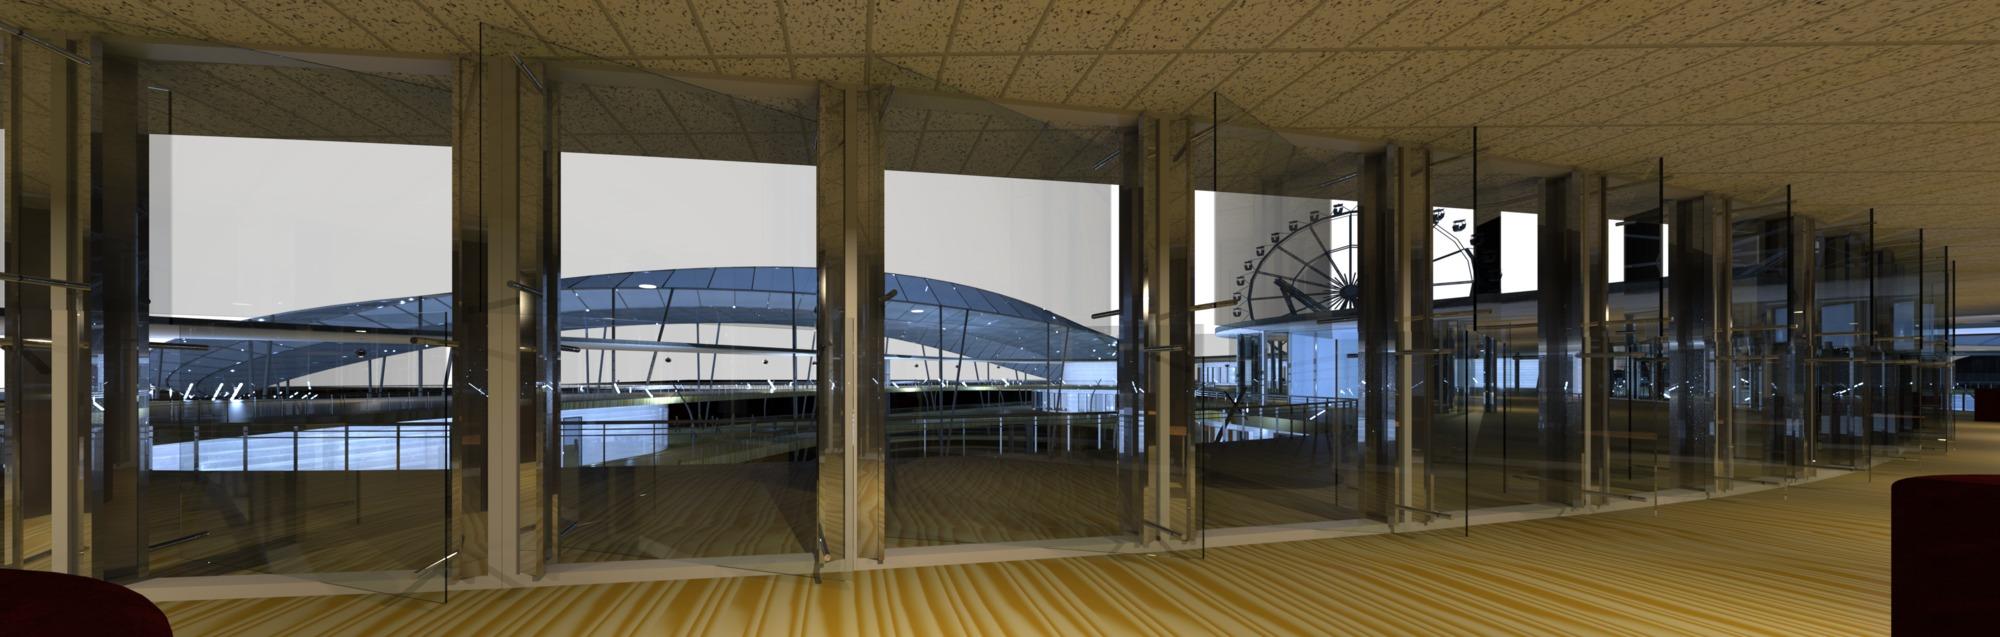 Raas-rendering20141206-32750-1ajv0um